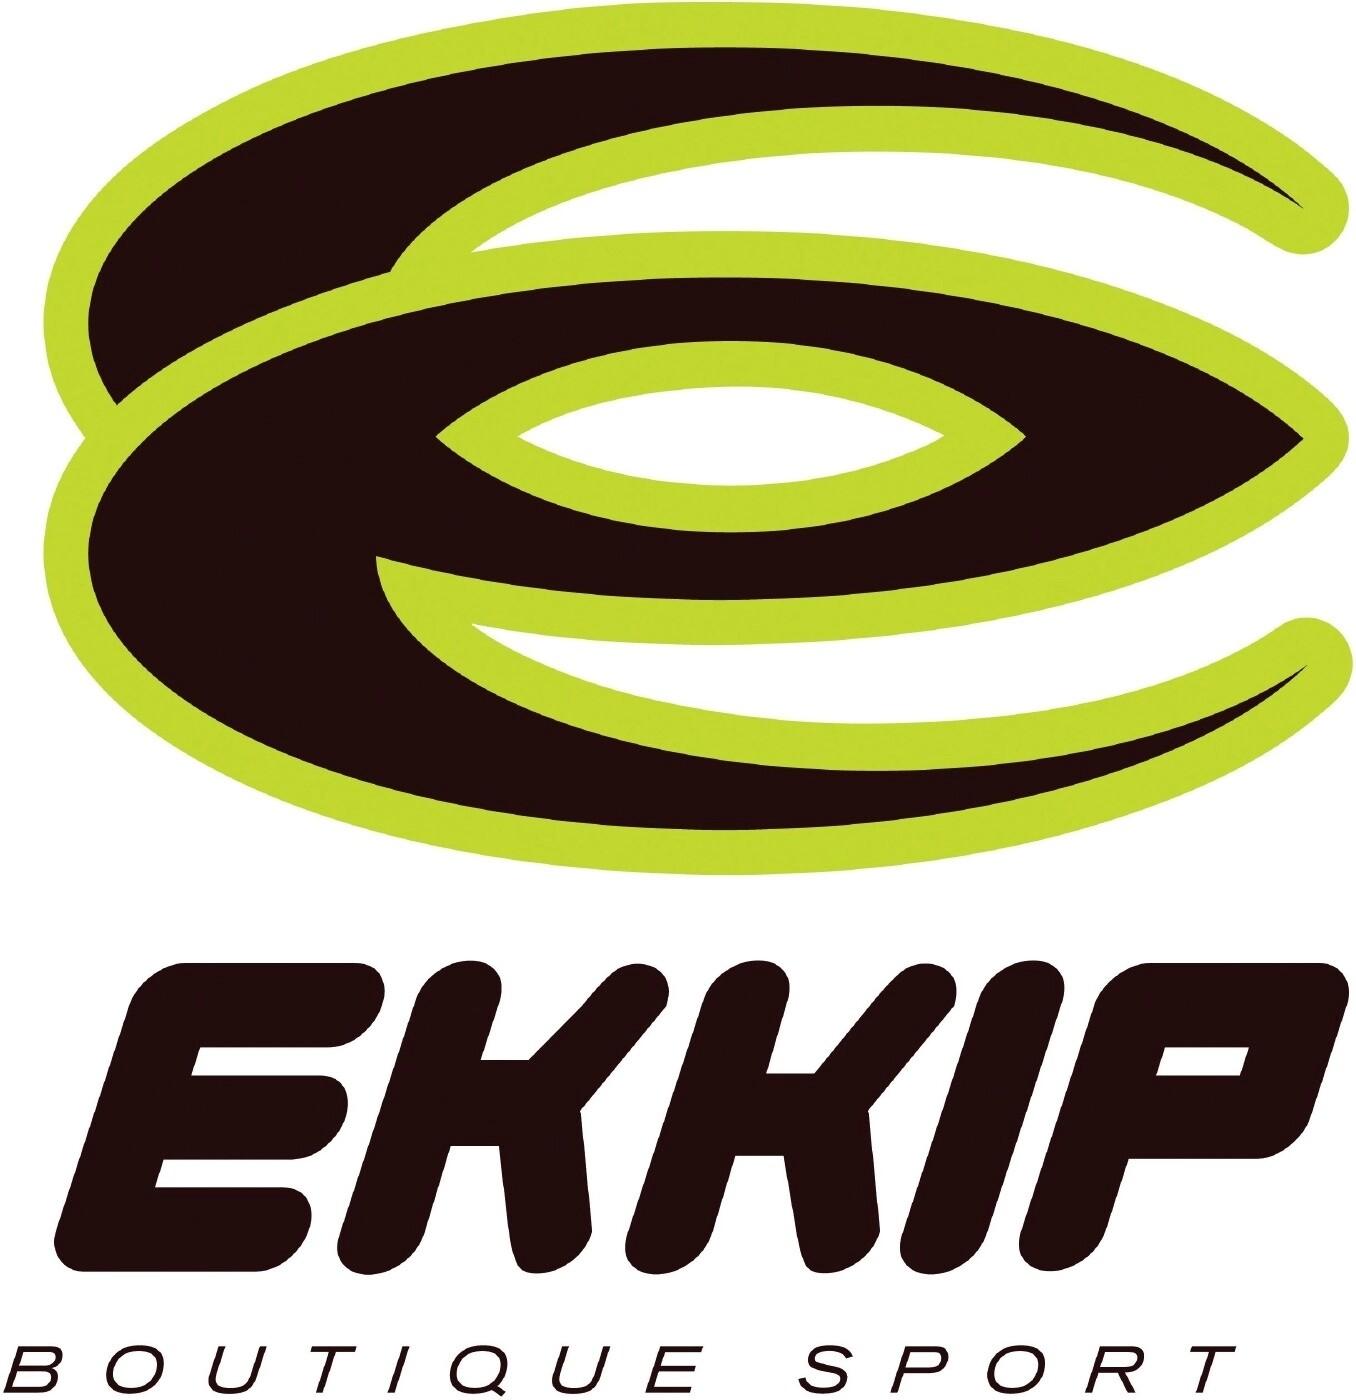 Circulaires Ekkip